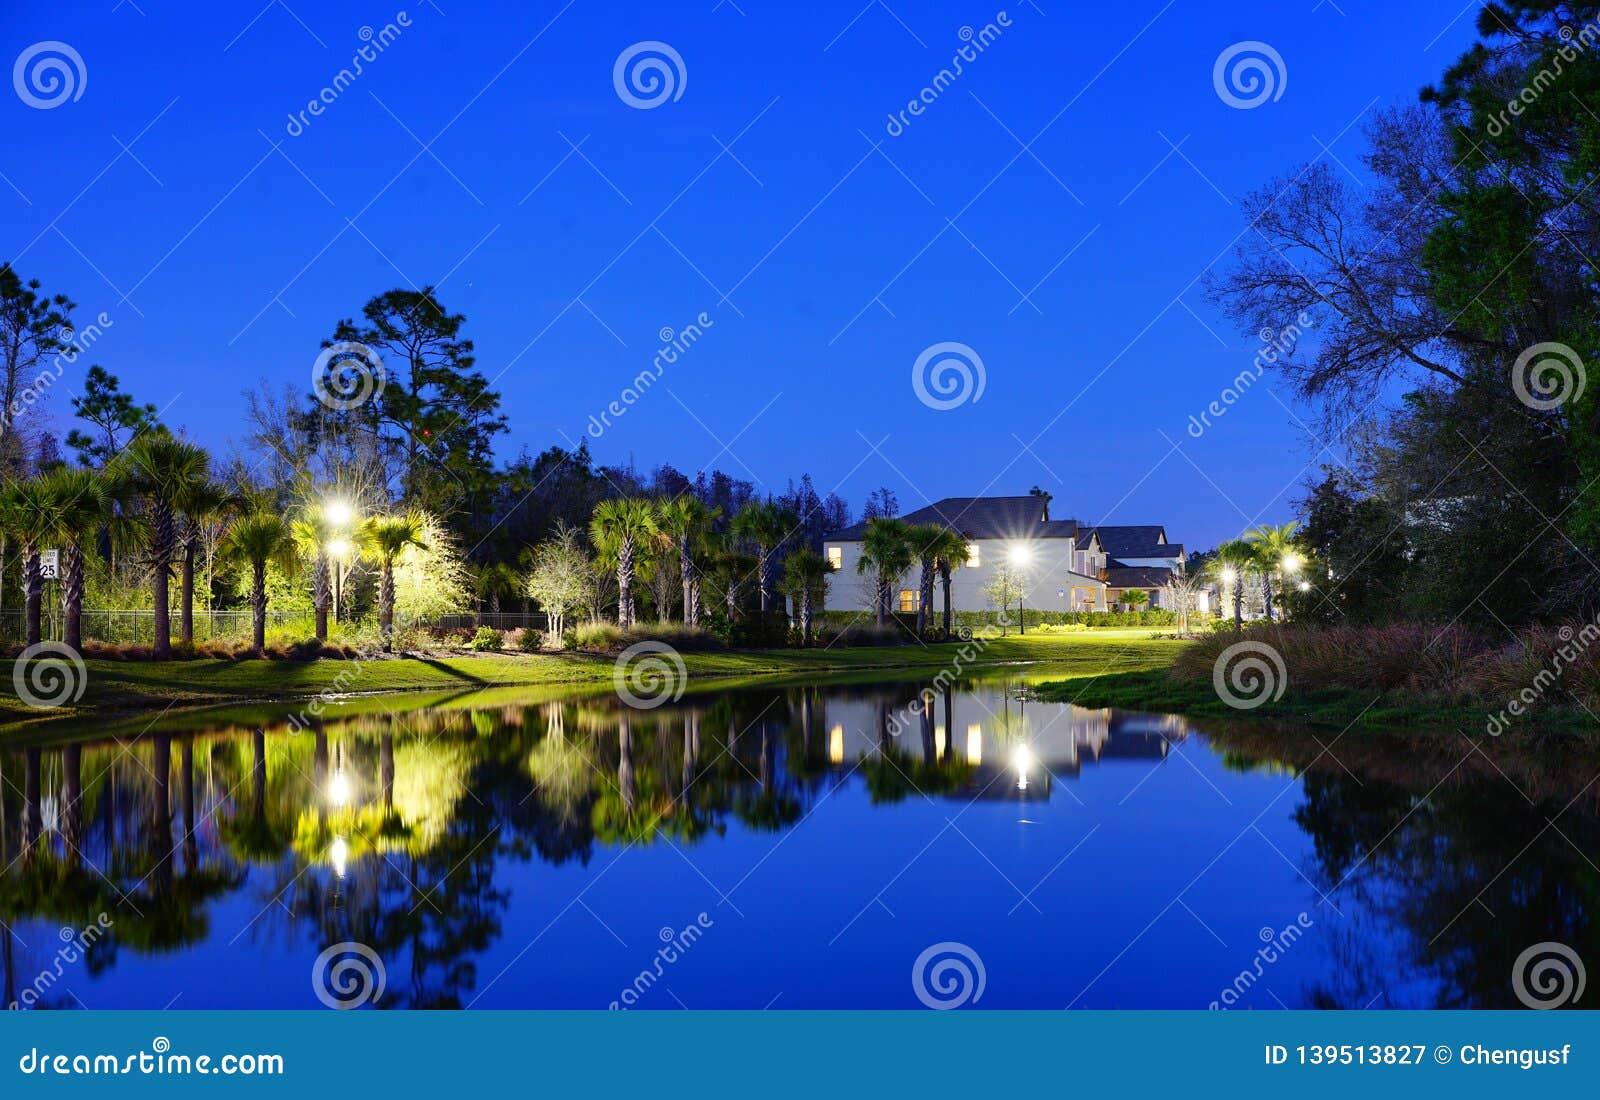 Типичный дом Флориды